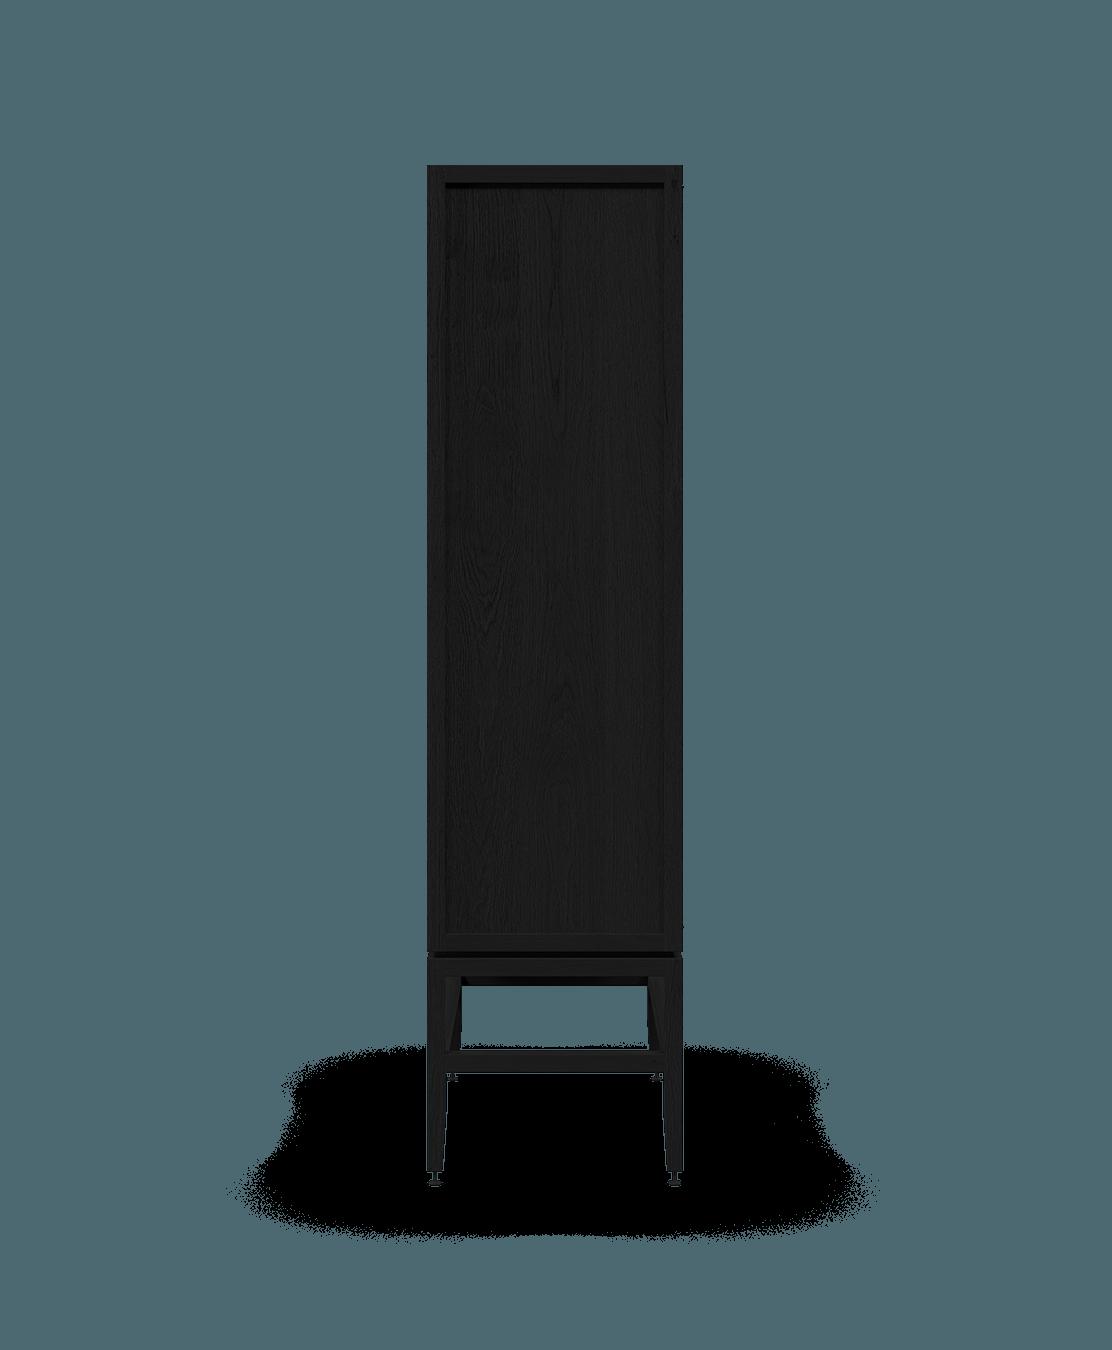 armoire vaisselier vitré modulaire de rangement en bois massif coquo volitare avec 2 portes verre chêne teint noir nuit profonde 33 pouces C2-D-3318-1202-BK